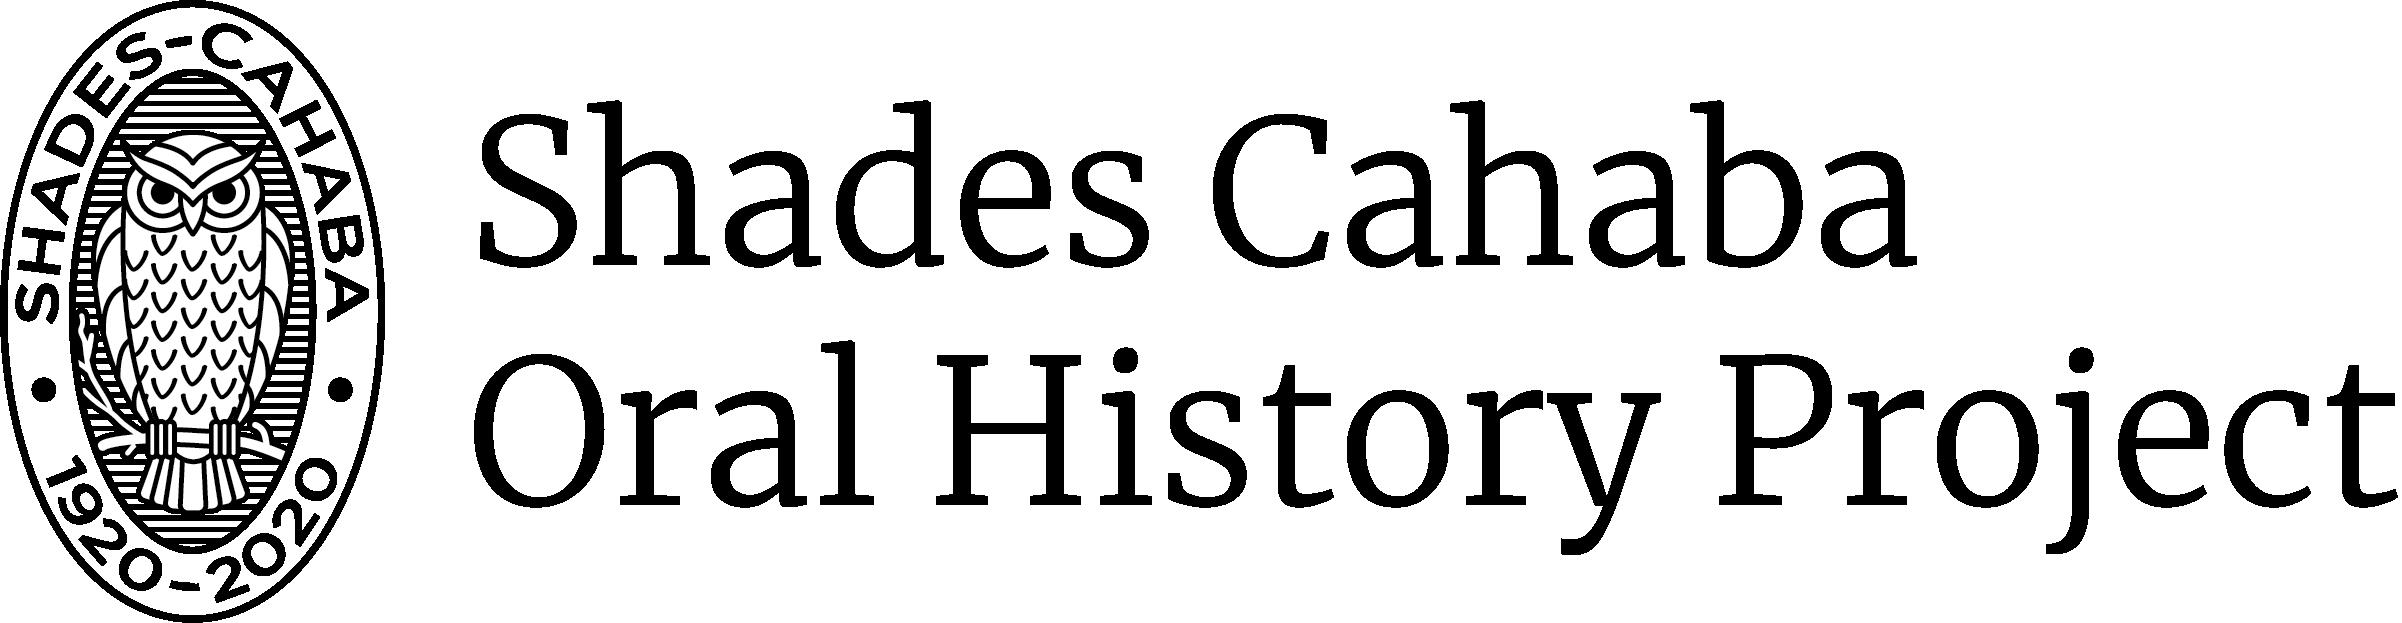 Shades Cahaba History